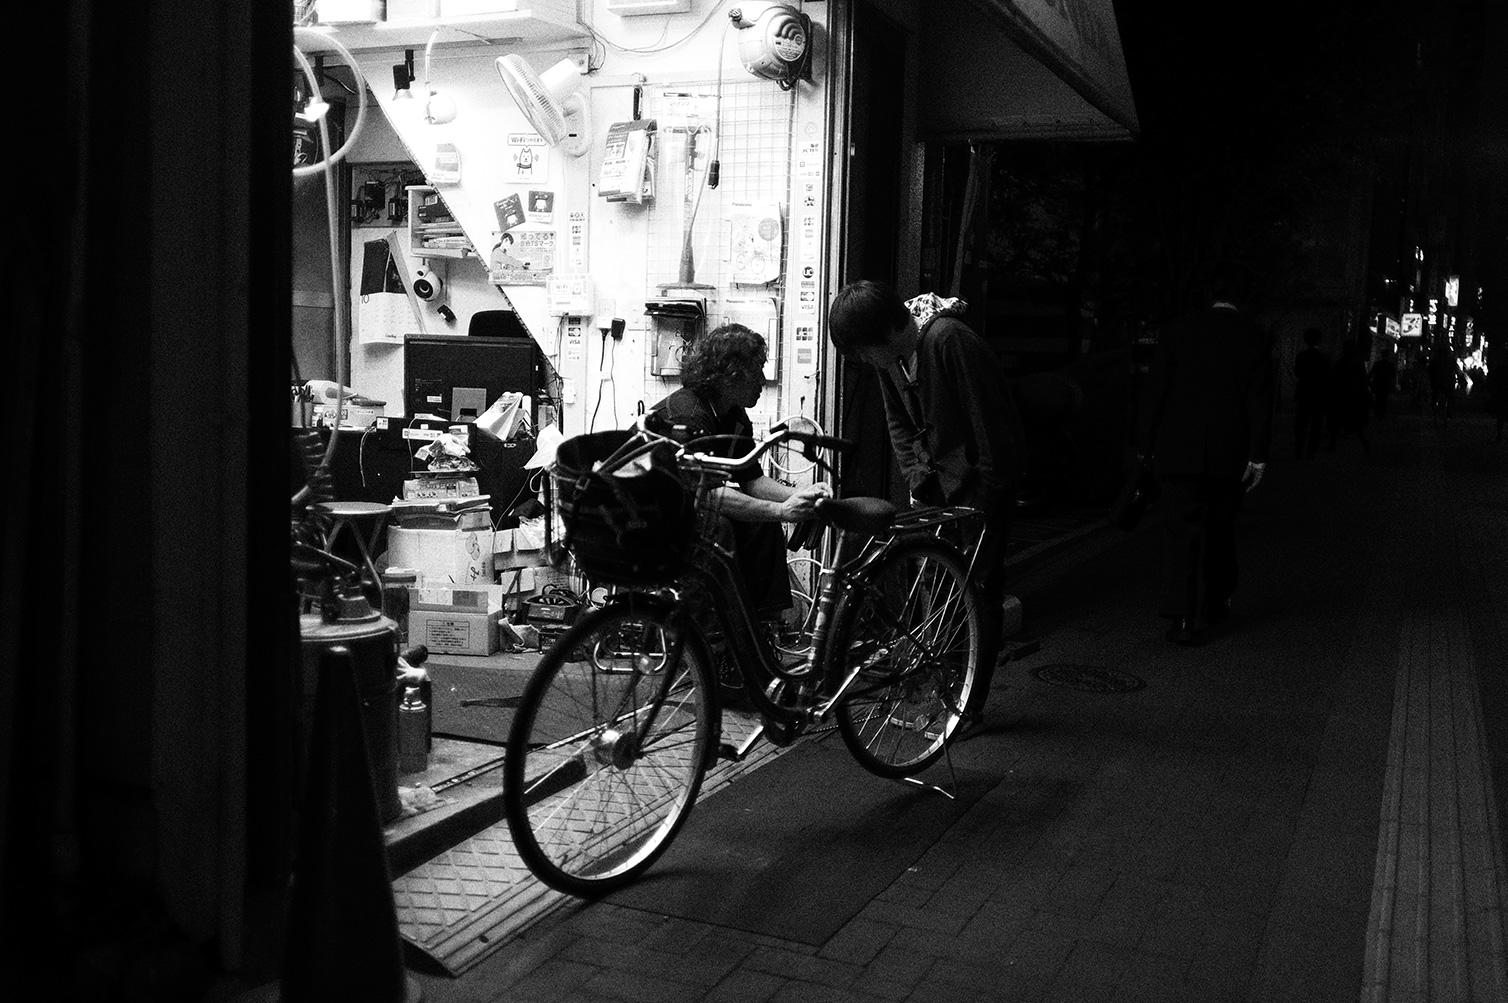 自転車修理屋さん_f0121181_02842.jpg